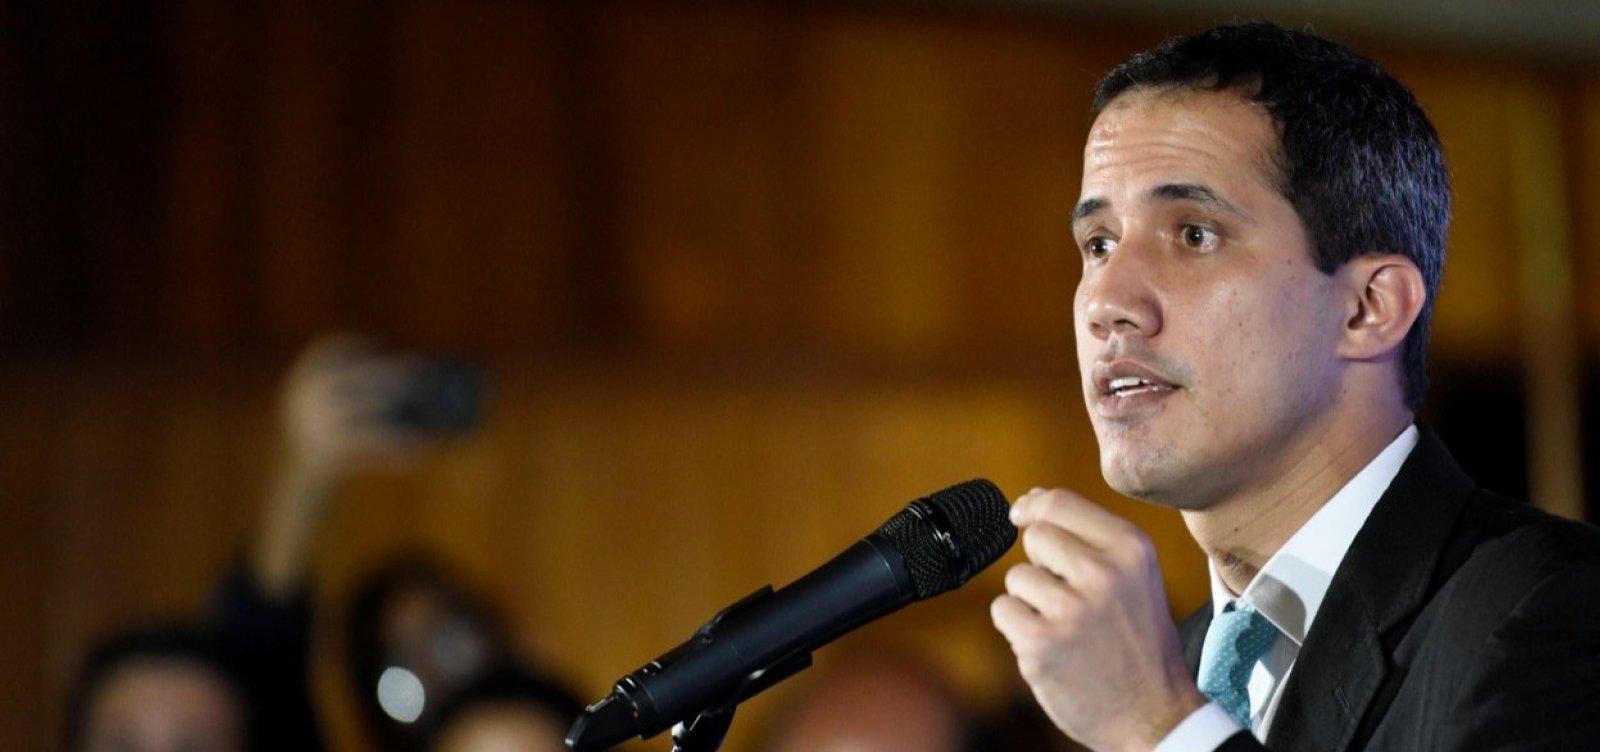 [Guaidó quer reunir venezuelanos na fronteira se Maduro proibir ajuda humanitária]